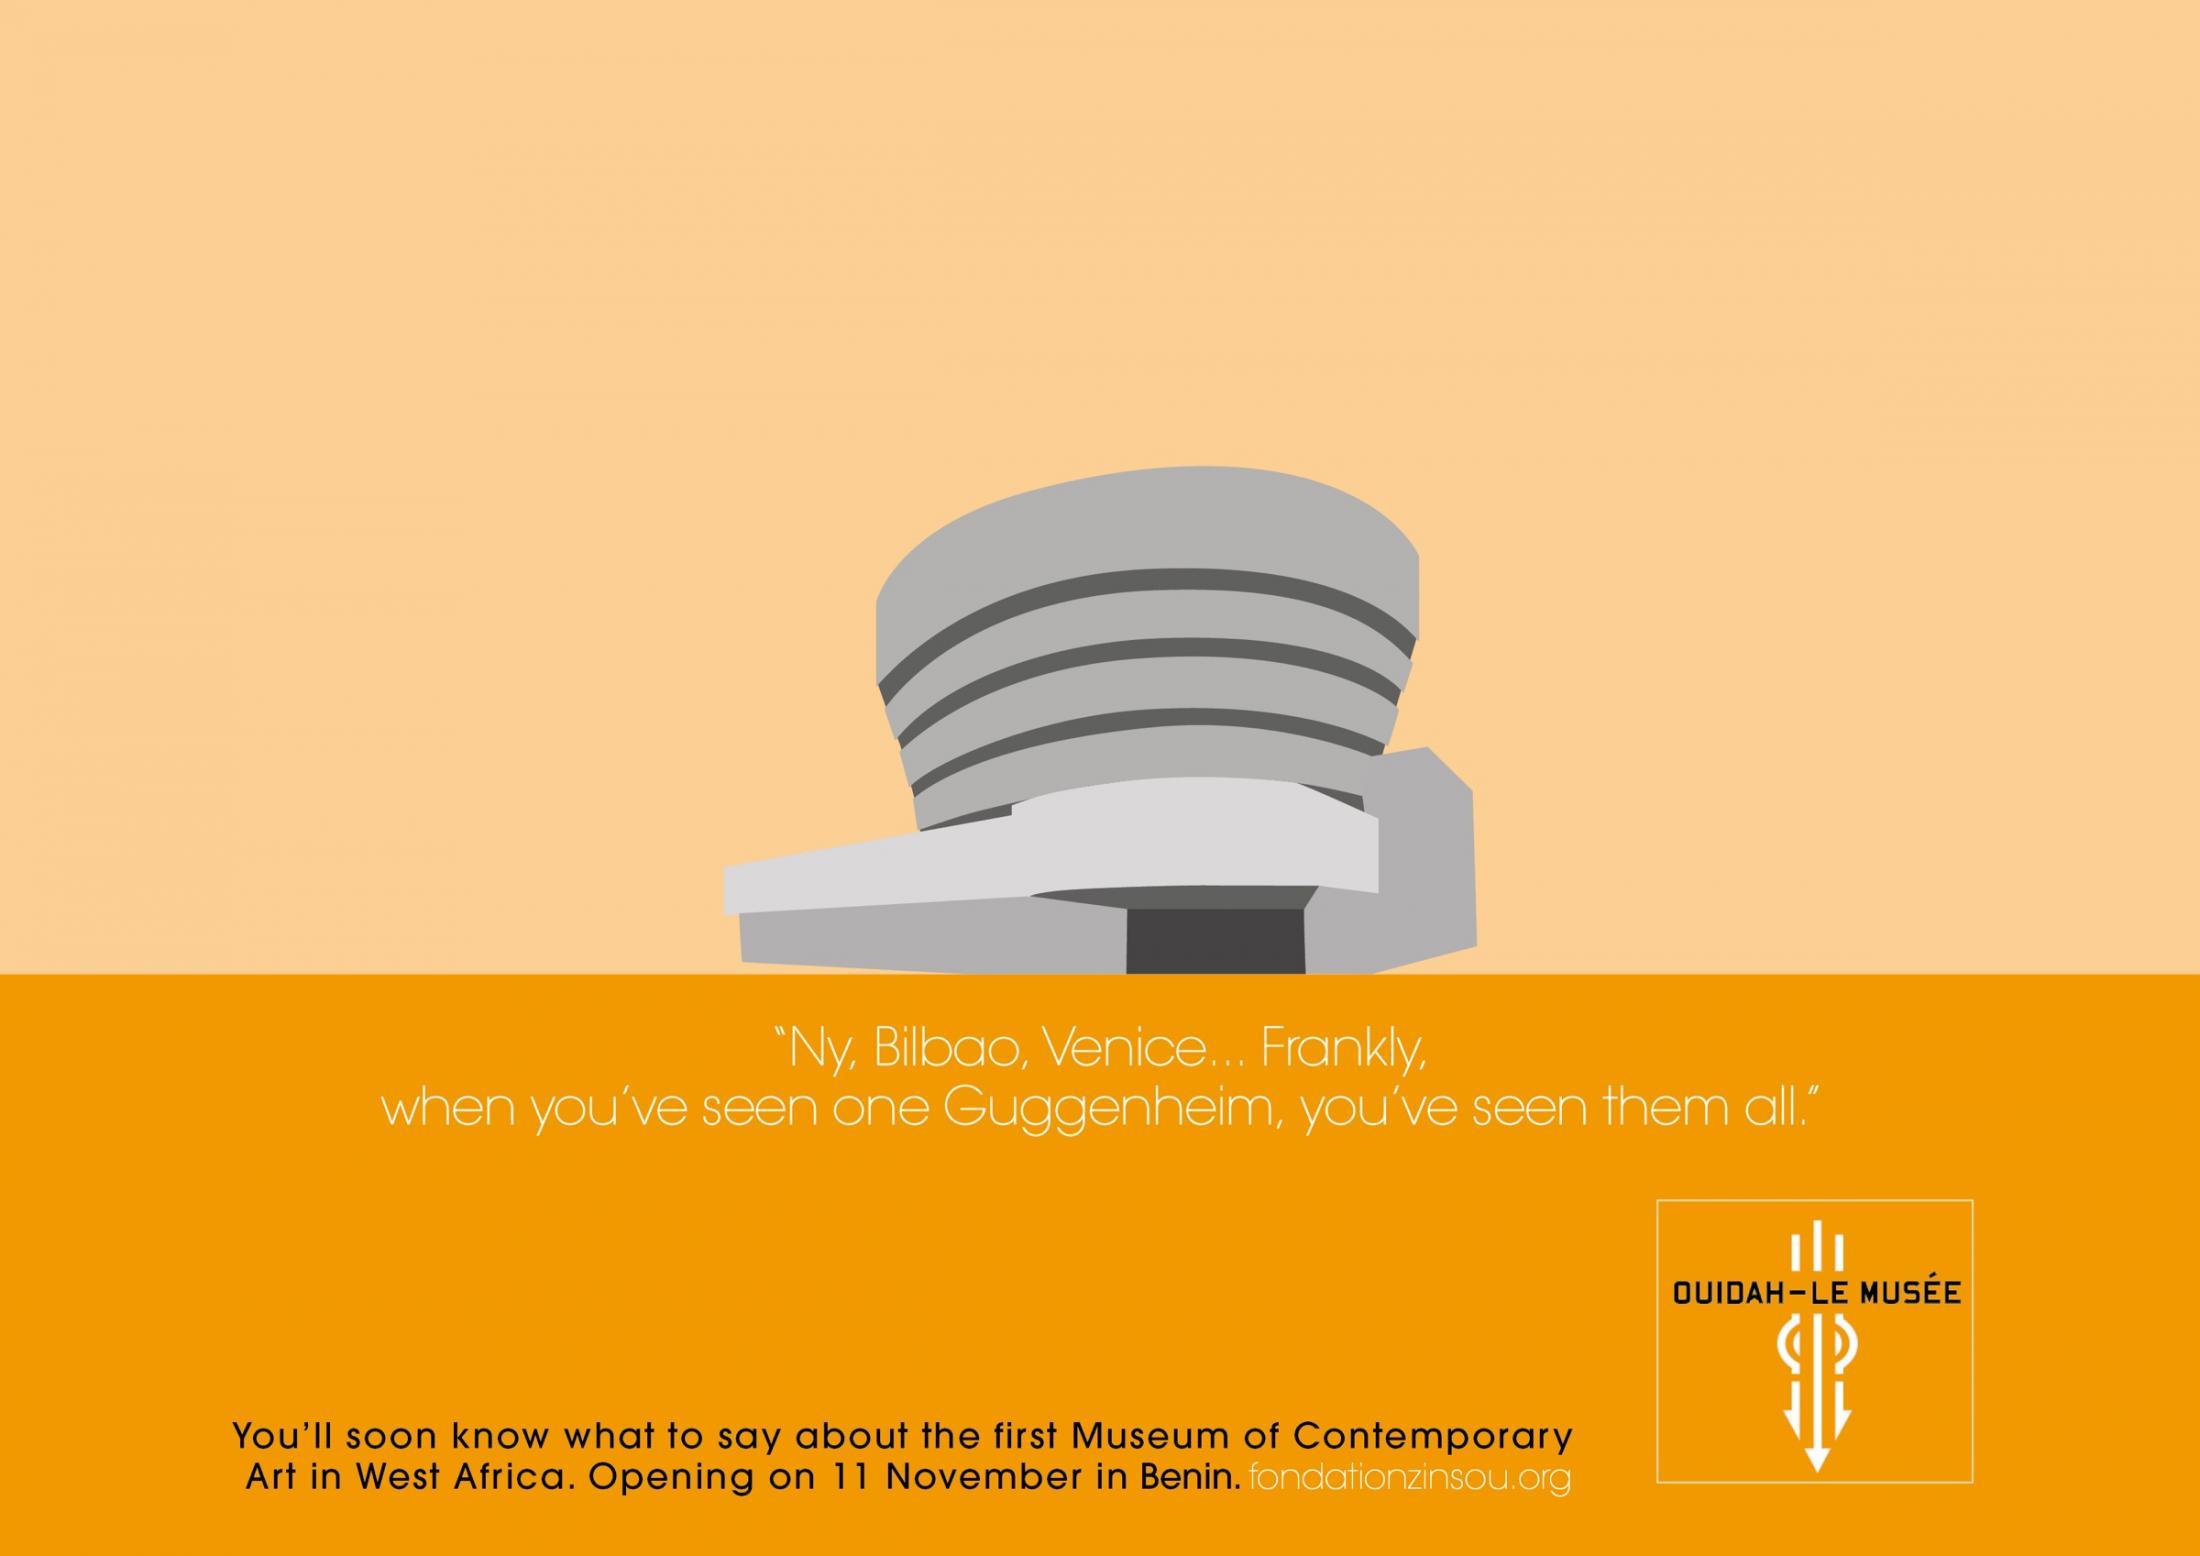 Ouidah Museum Print Ad -  Soon, 3